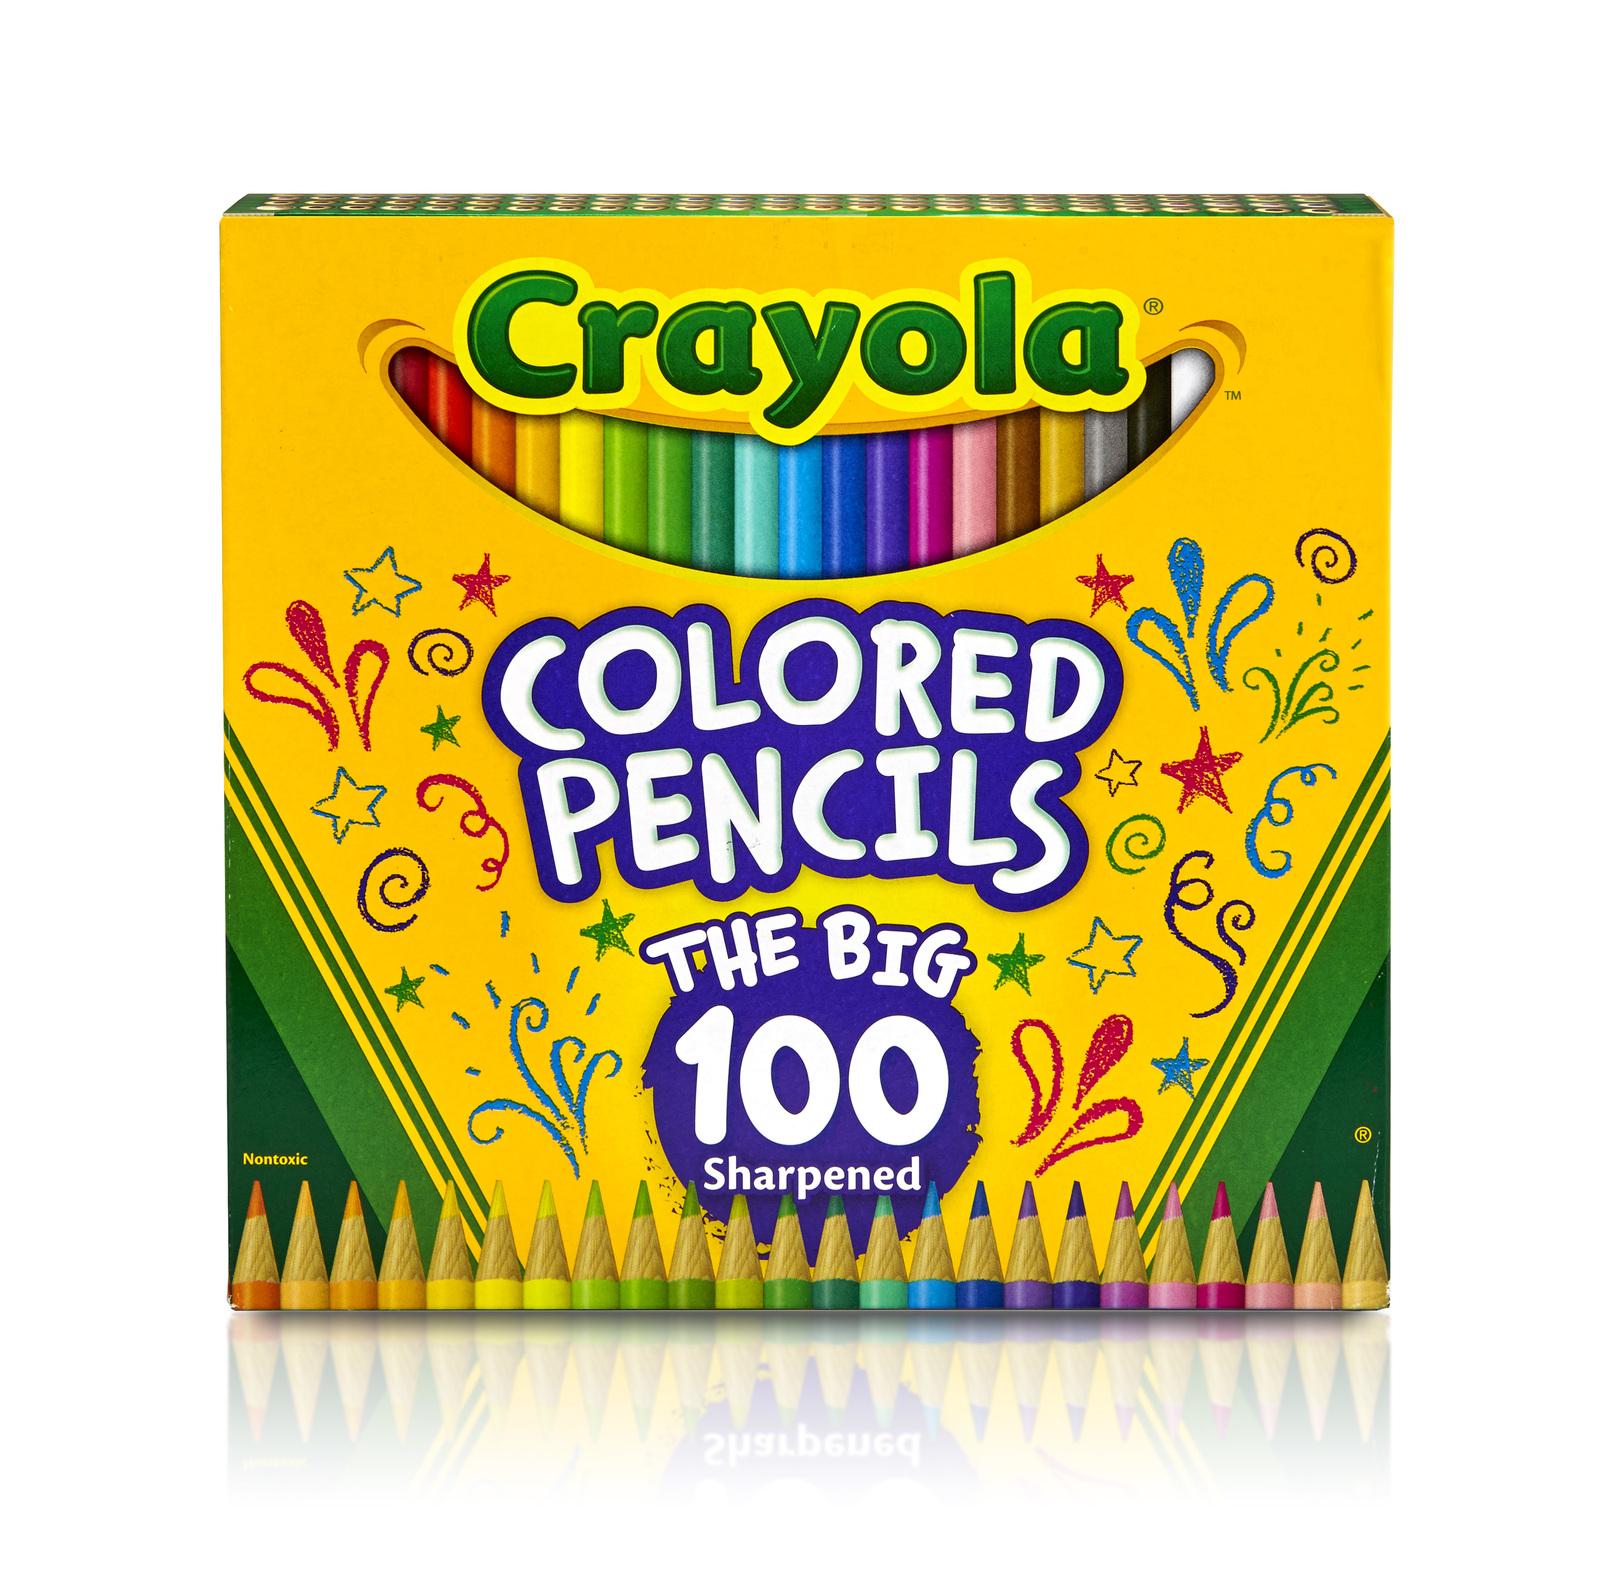 Crayola Colored Pencils - The Big 100 image